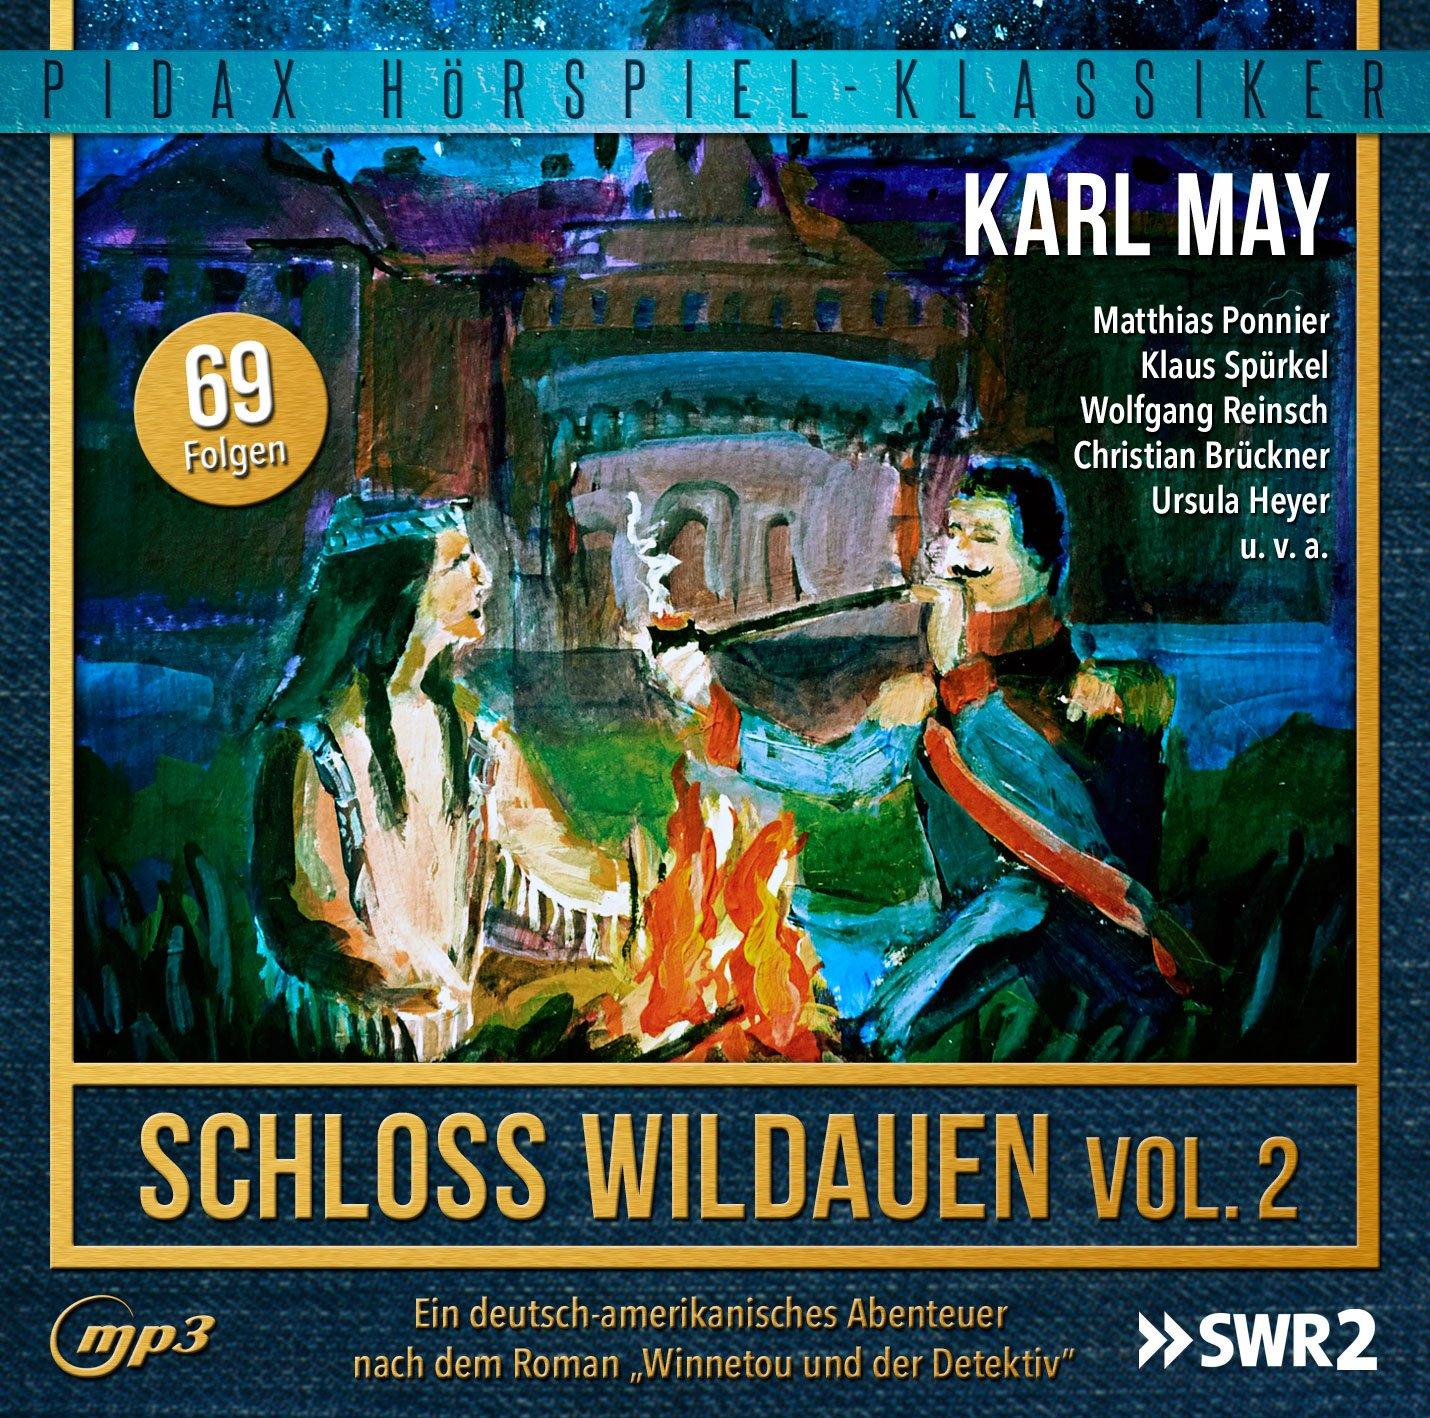 Karl May - Schloss Wildauen - Vol. 2 (pidax)